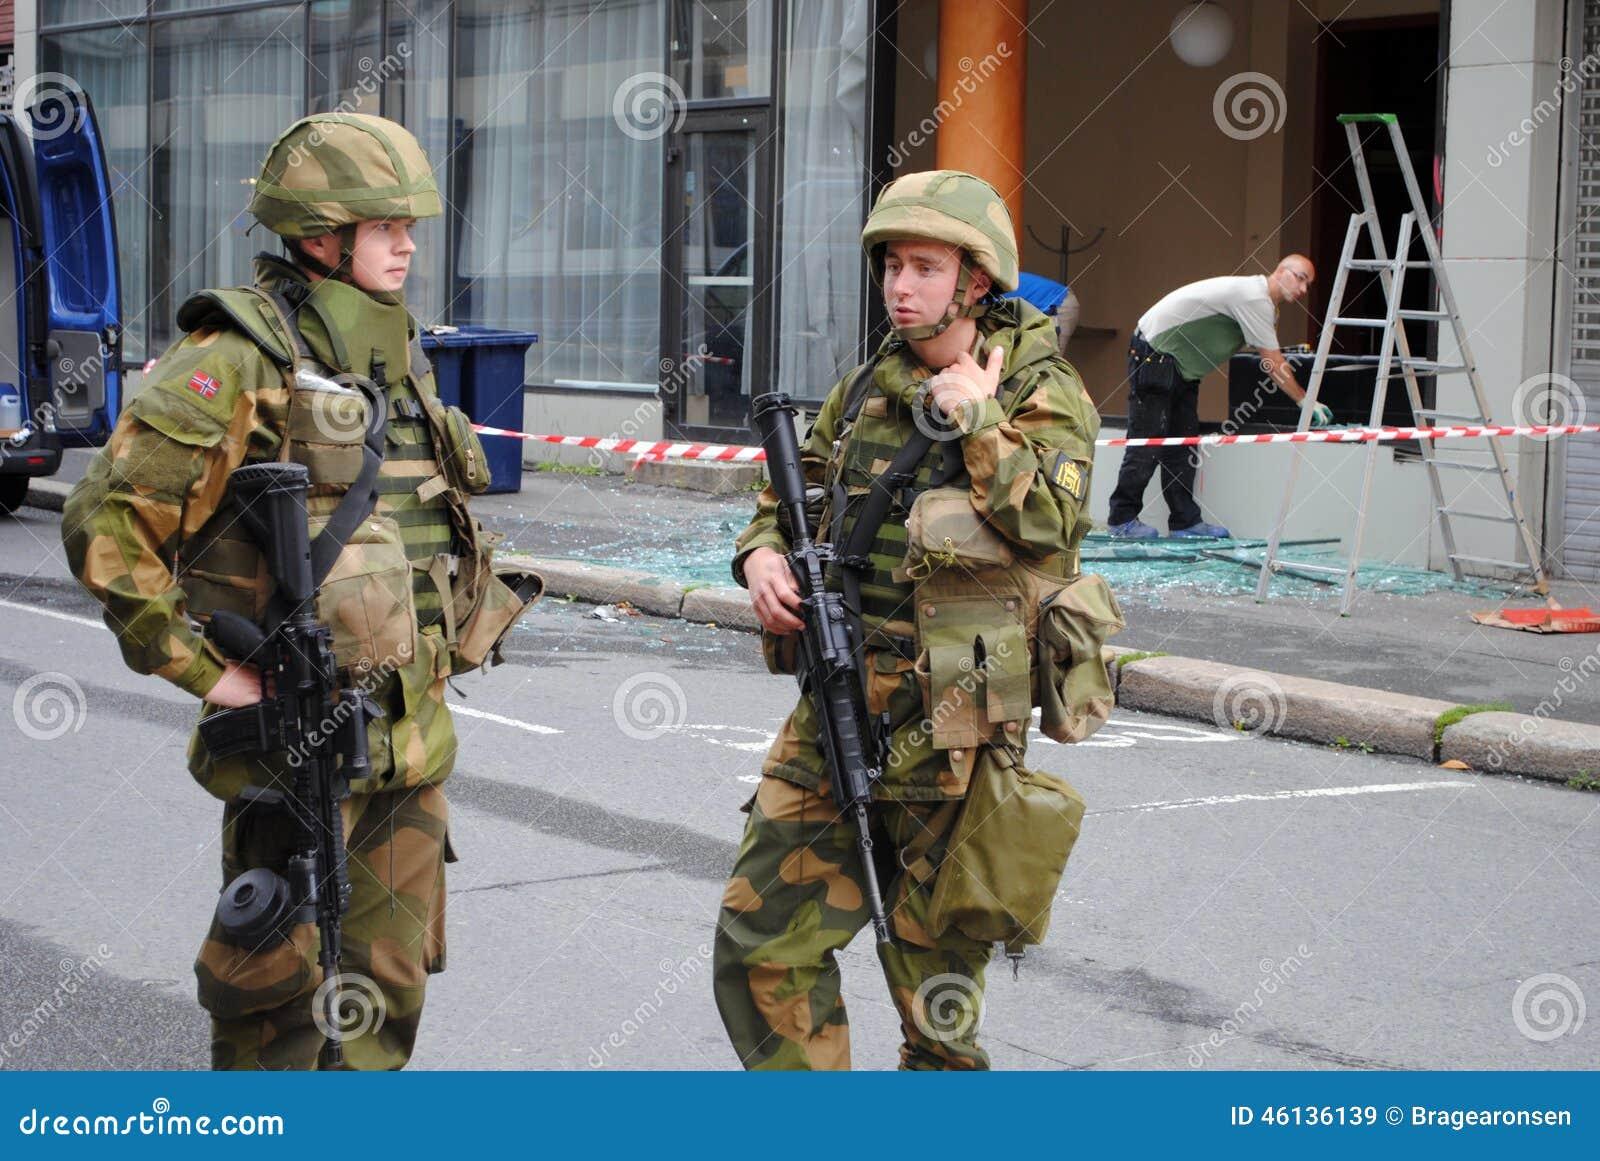 Soldats norvégiens après attaque terroriste